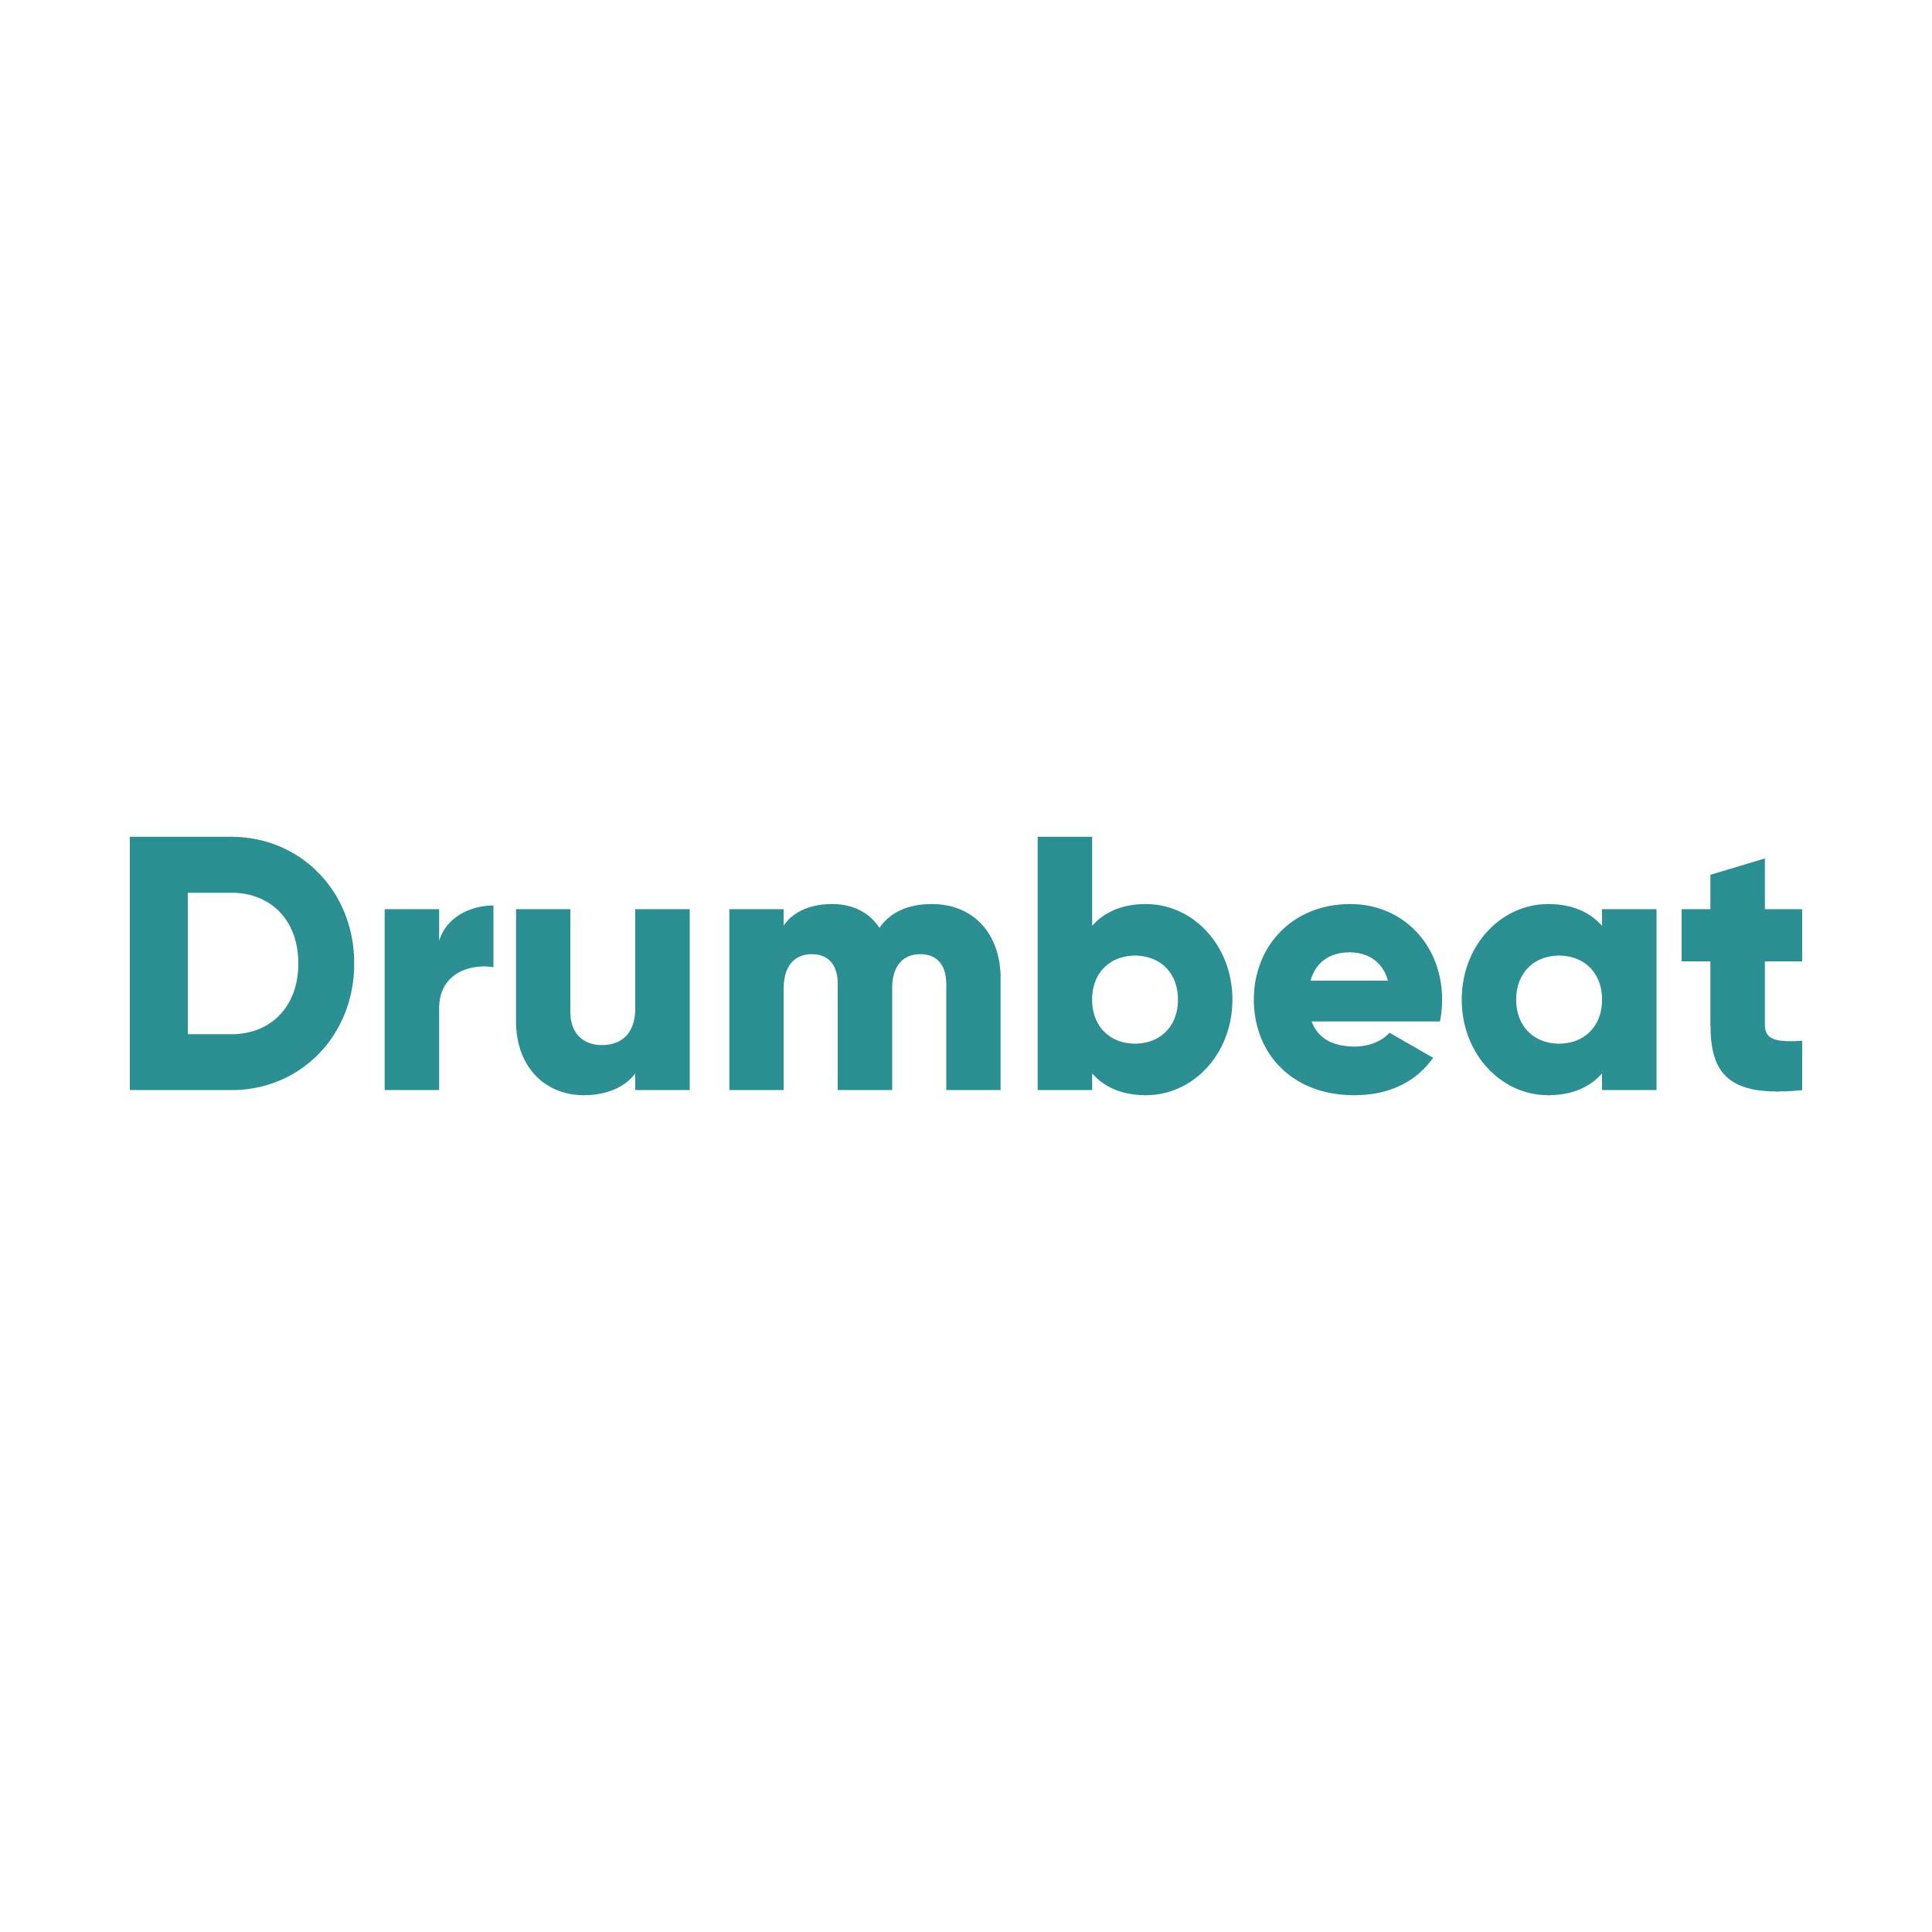 DEN_DrumbeatTenantLogo-01.jpg